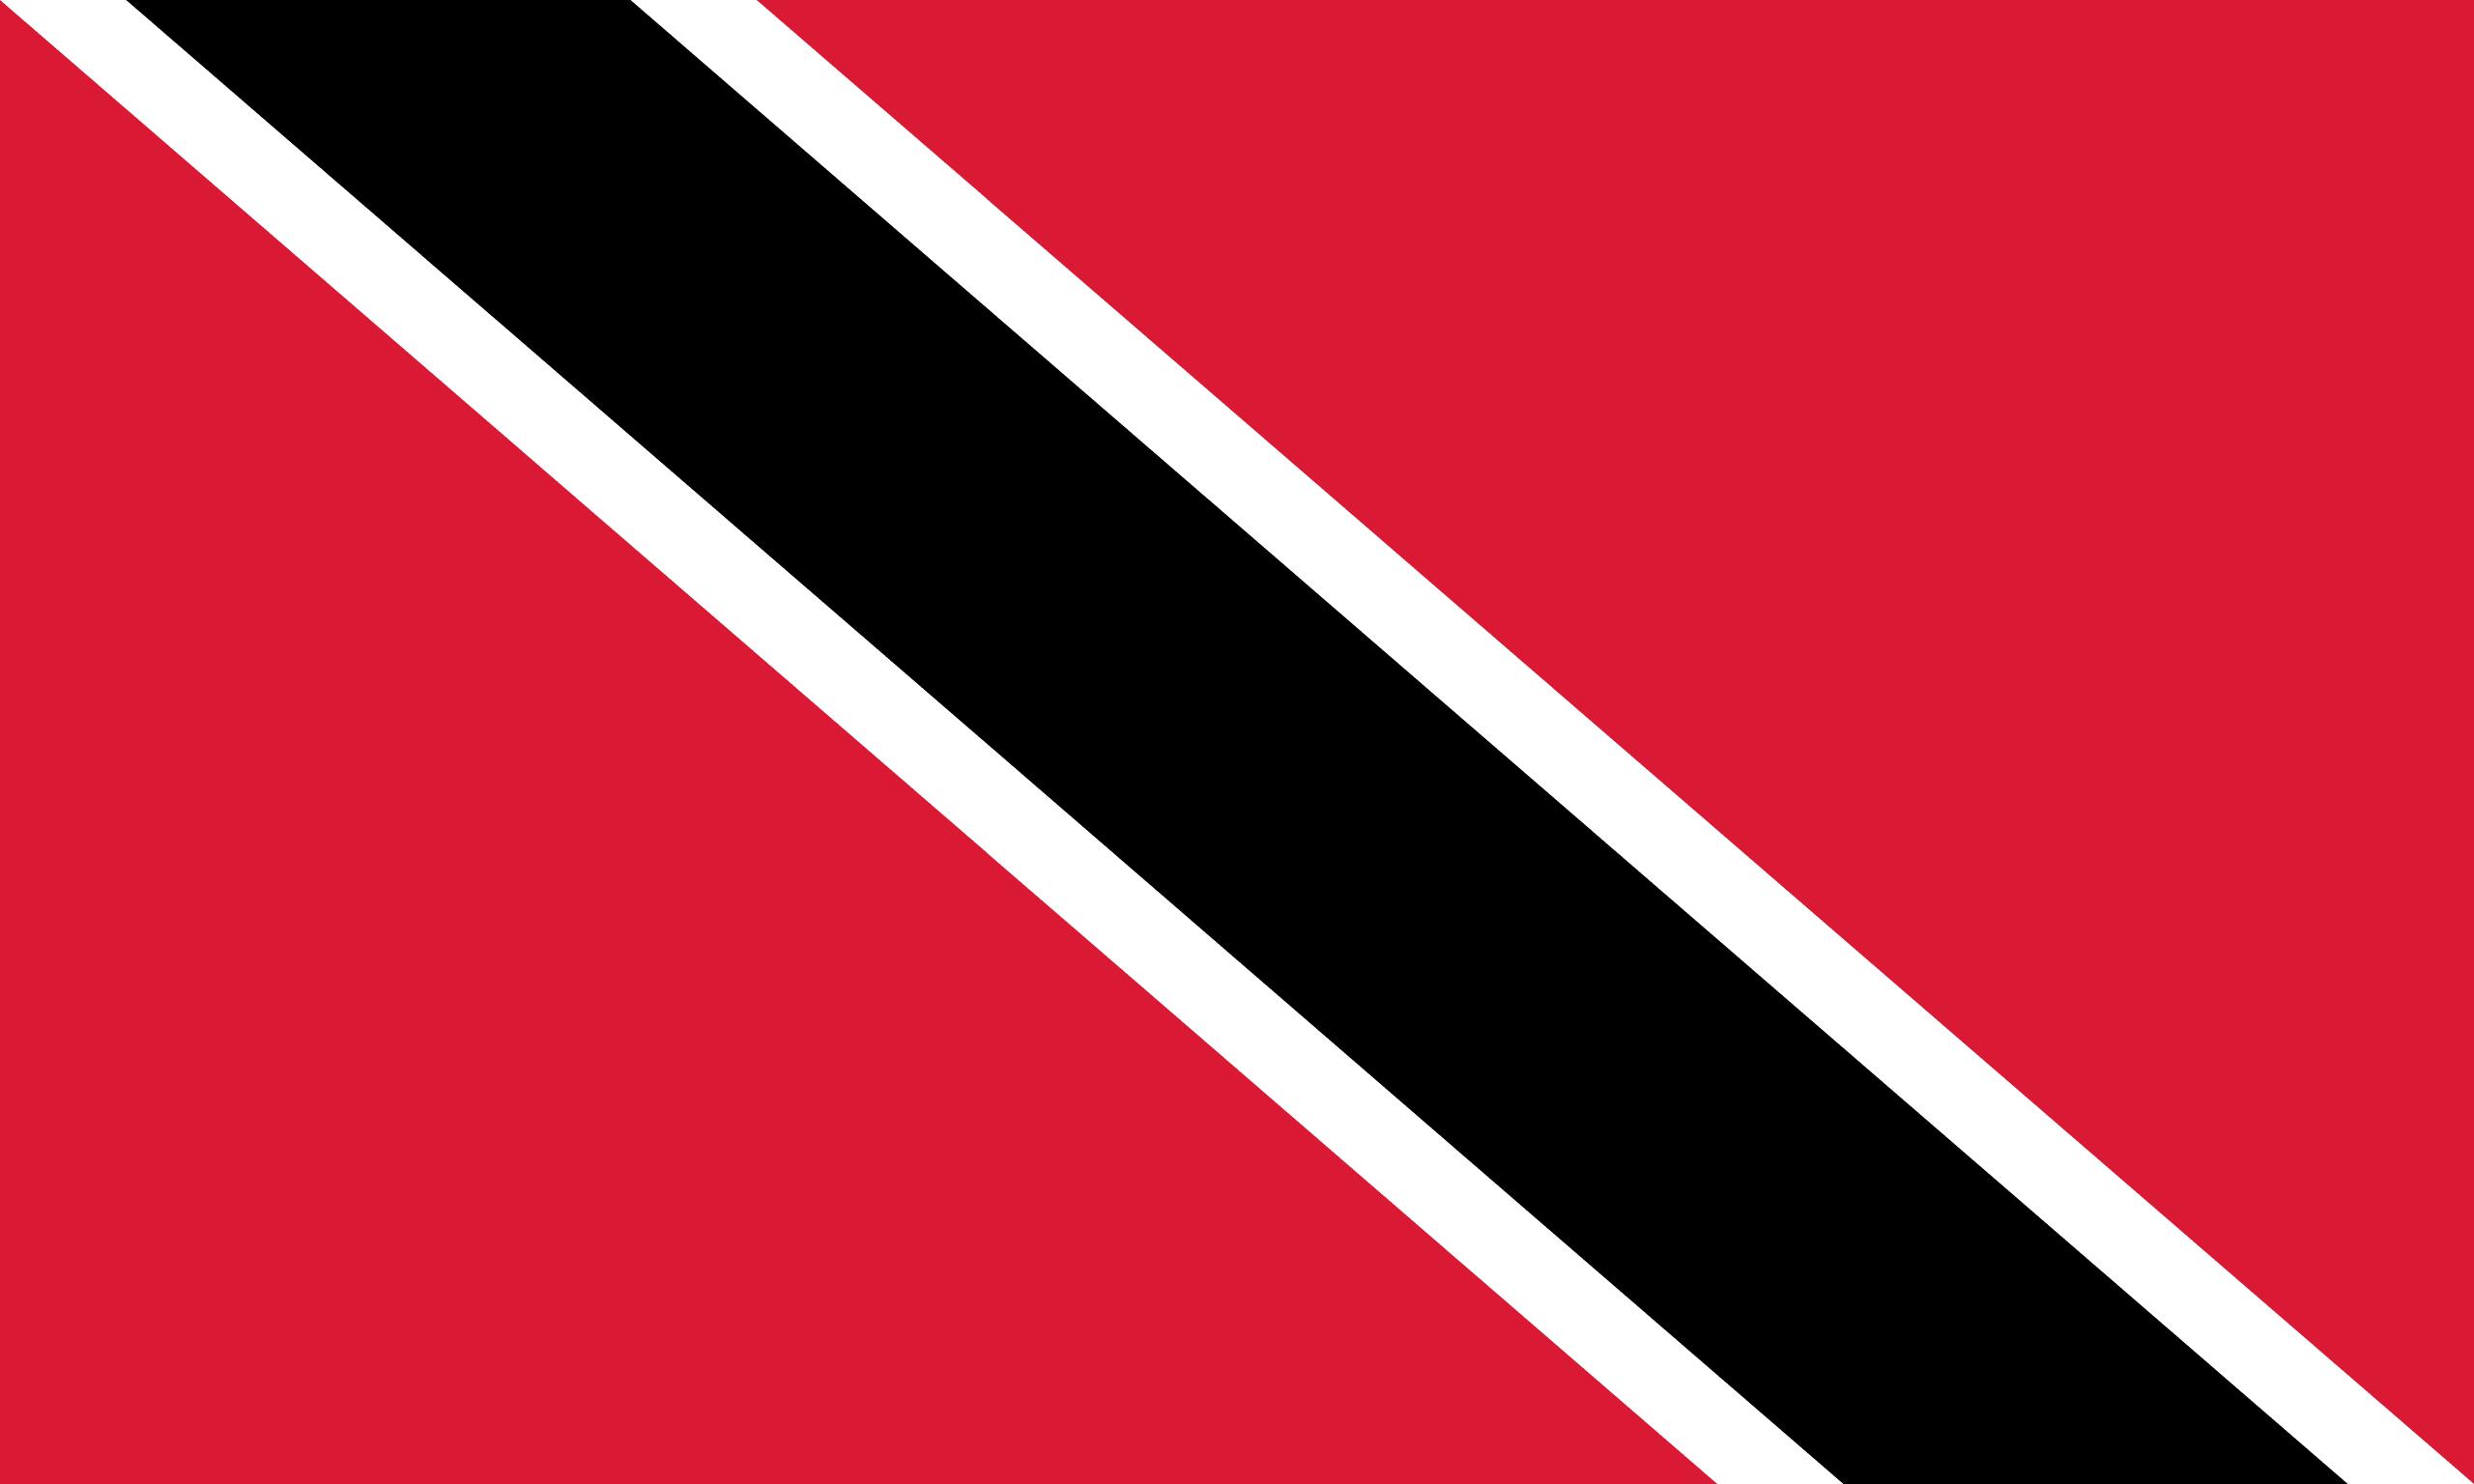 Trinidad ve Tobago'nun Başkenti ve Para Birimi Nedir? Trinidad ve Tobago'nun Bayrağı Nasıldır?